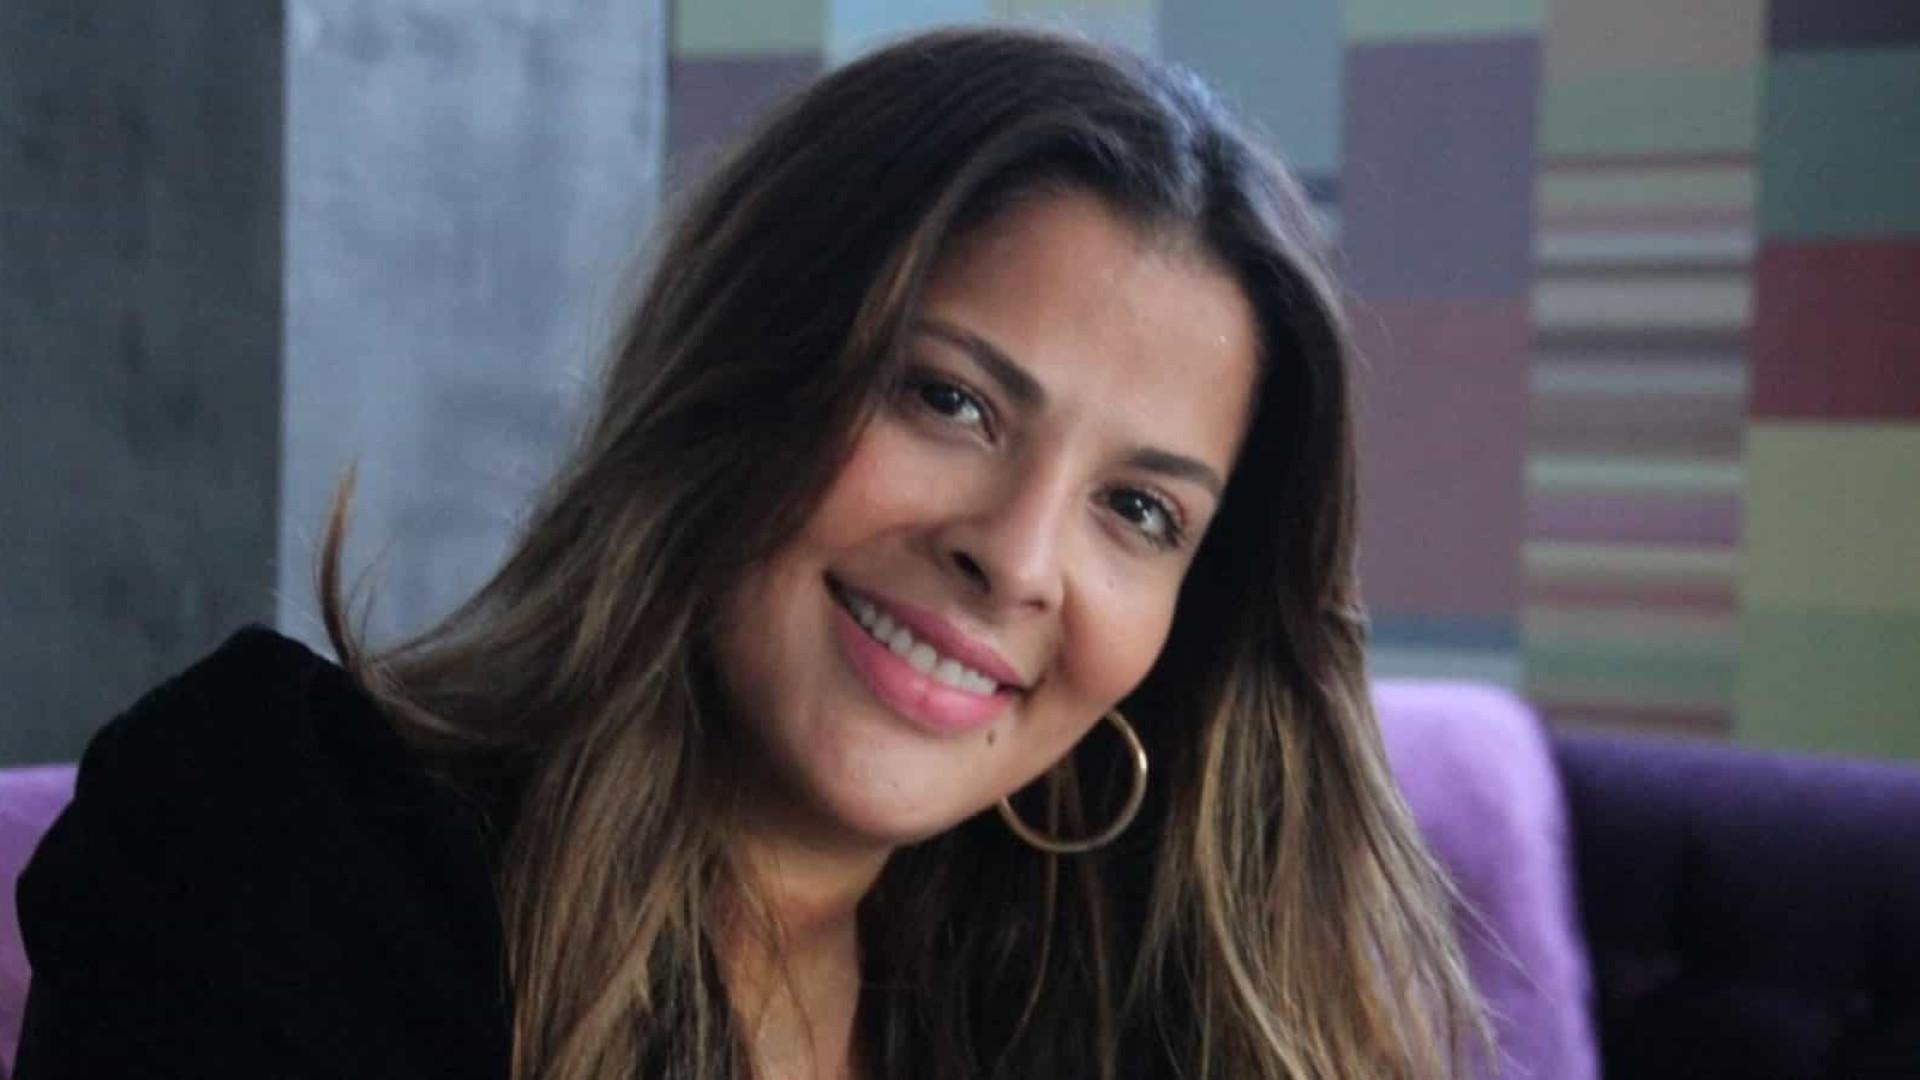 Ex-BBB Gyselle Soares diz que ficou com Pedro Bial após confinamento